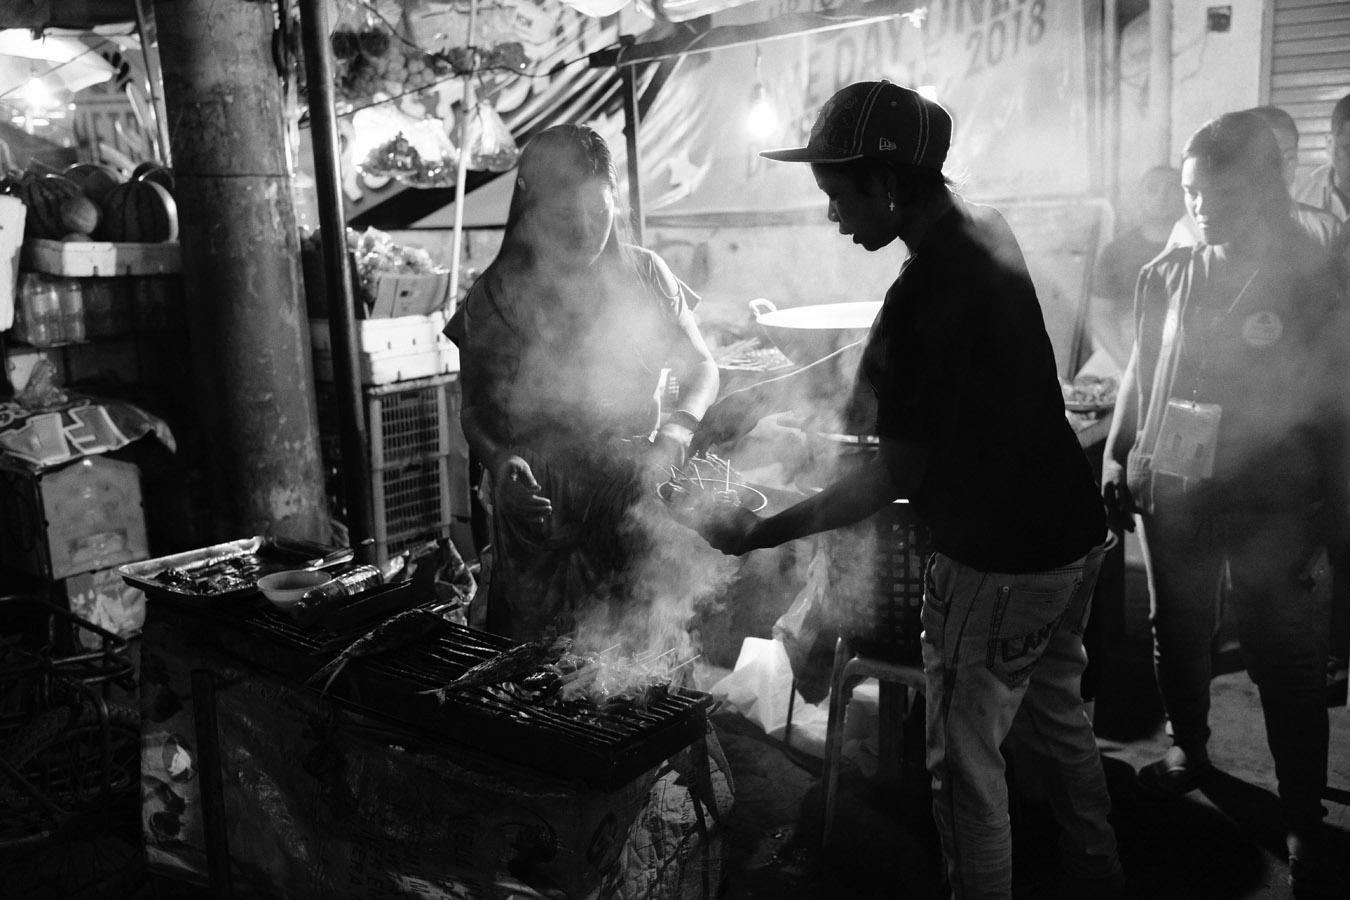 Cebu_by_night_Delettre_Cyril14.jpg